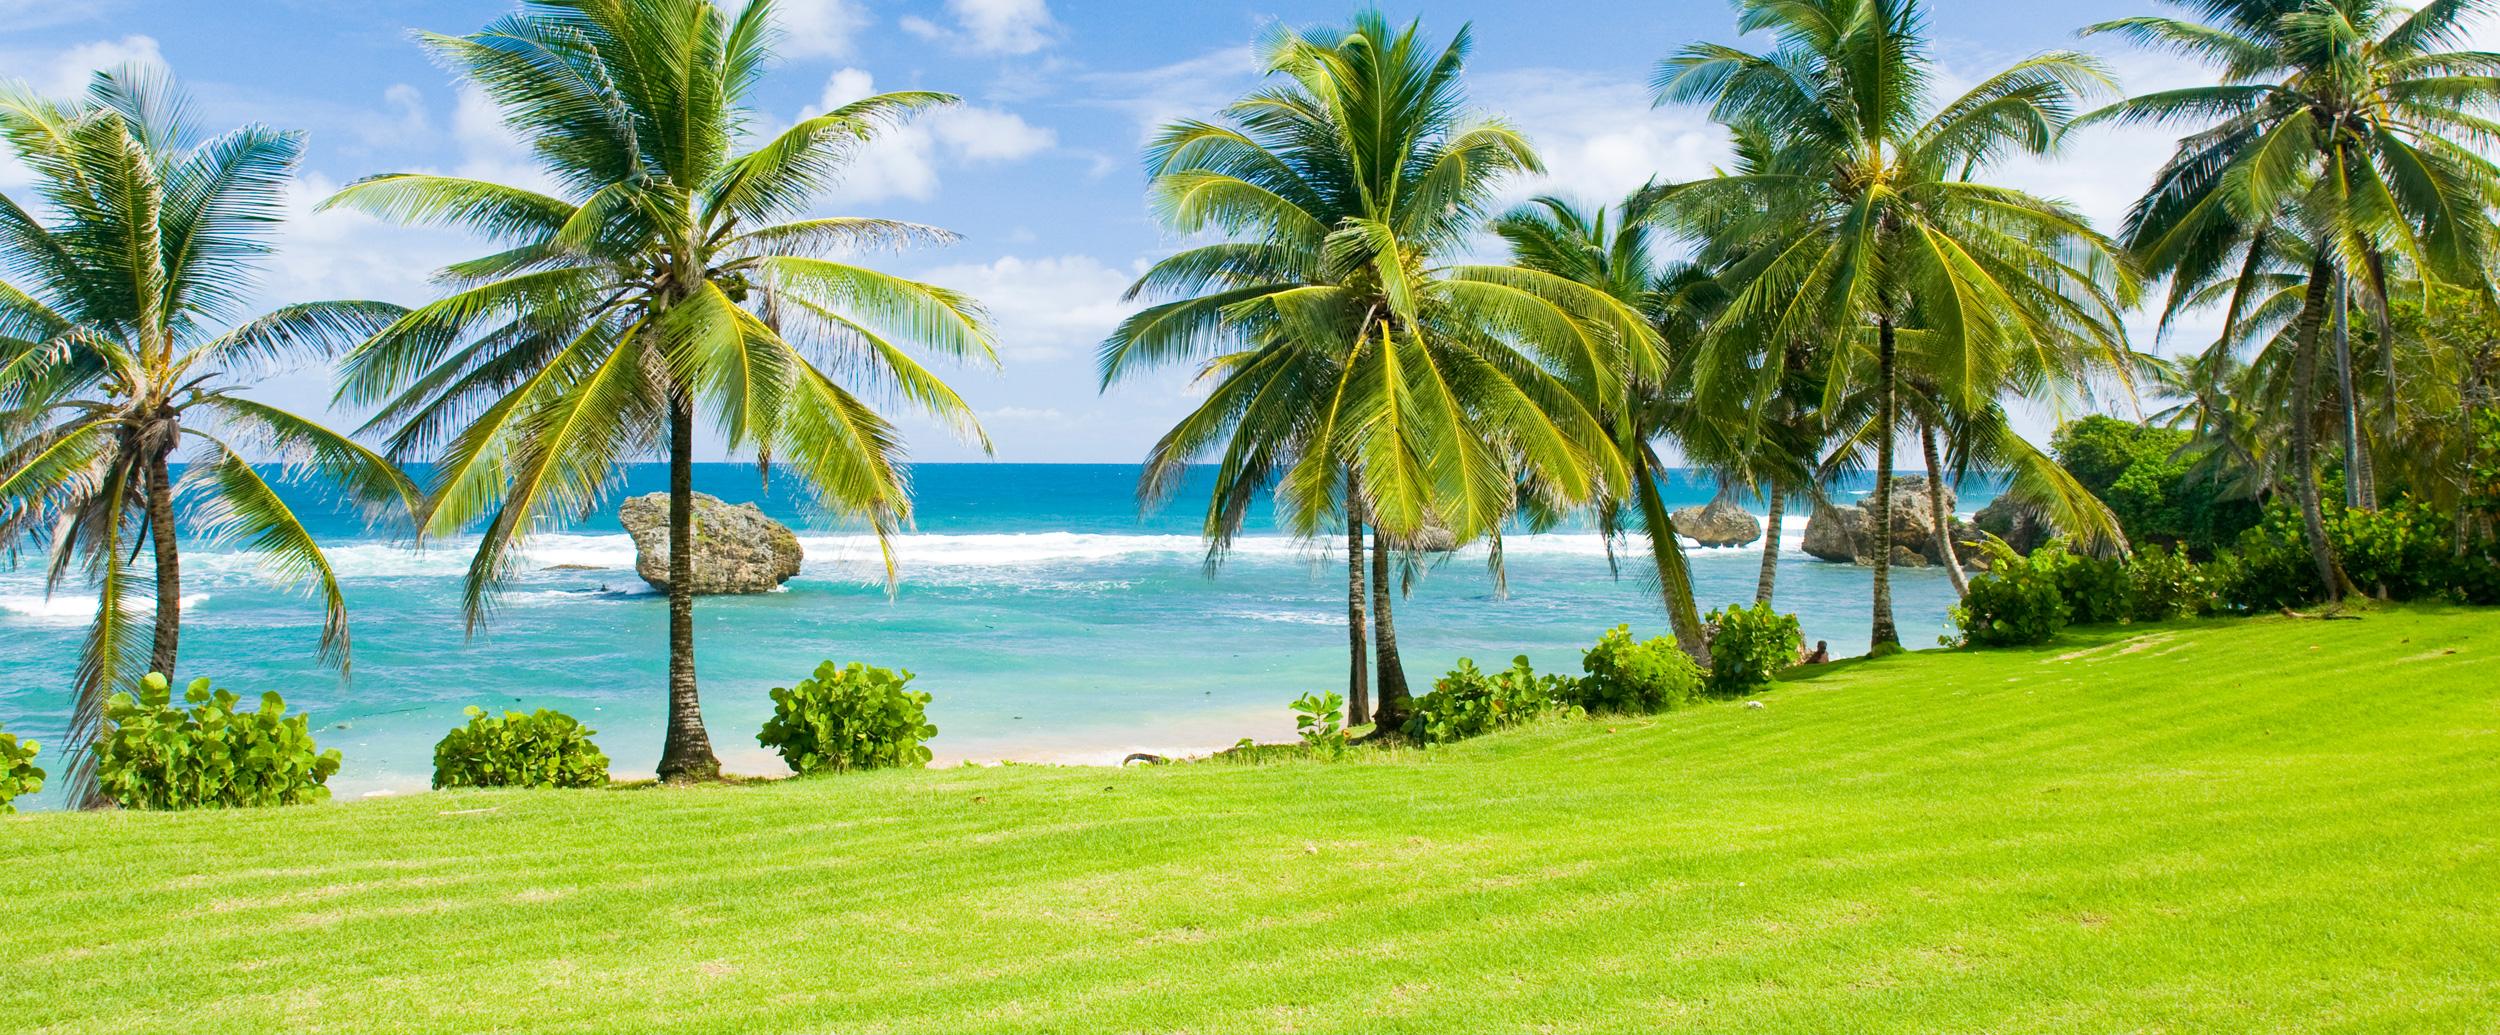 vacances la barbade payer en plusieurs fois magiclub voyages. Black Bedroom Furniture Sets. Home Design Ideas